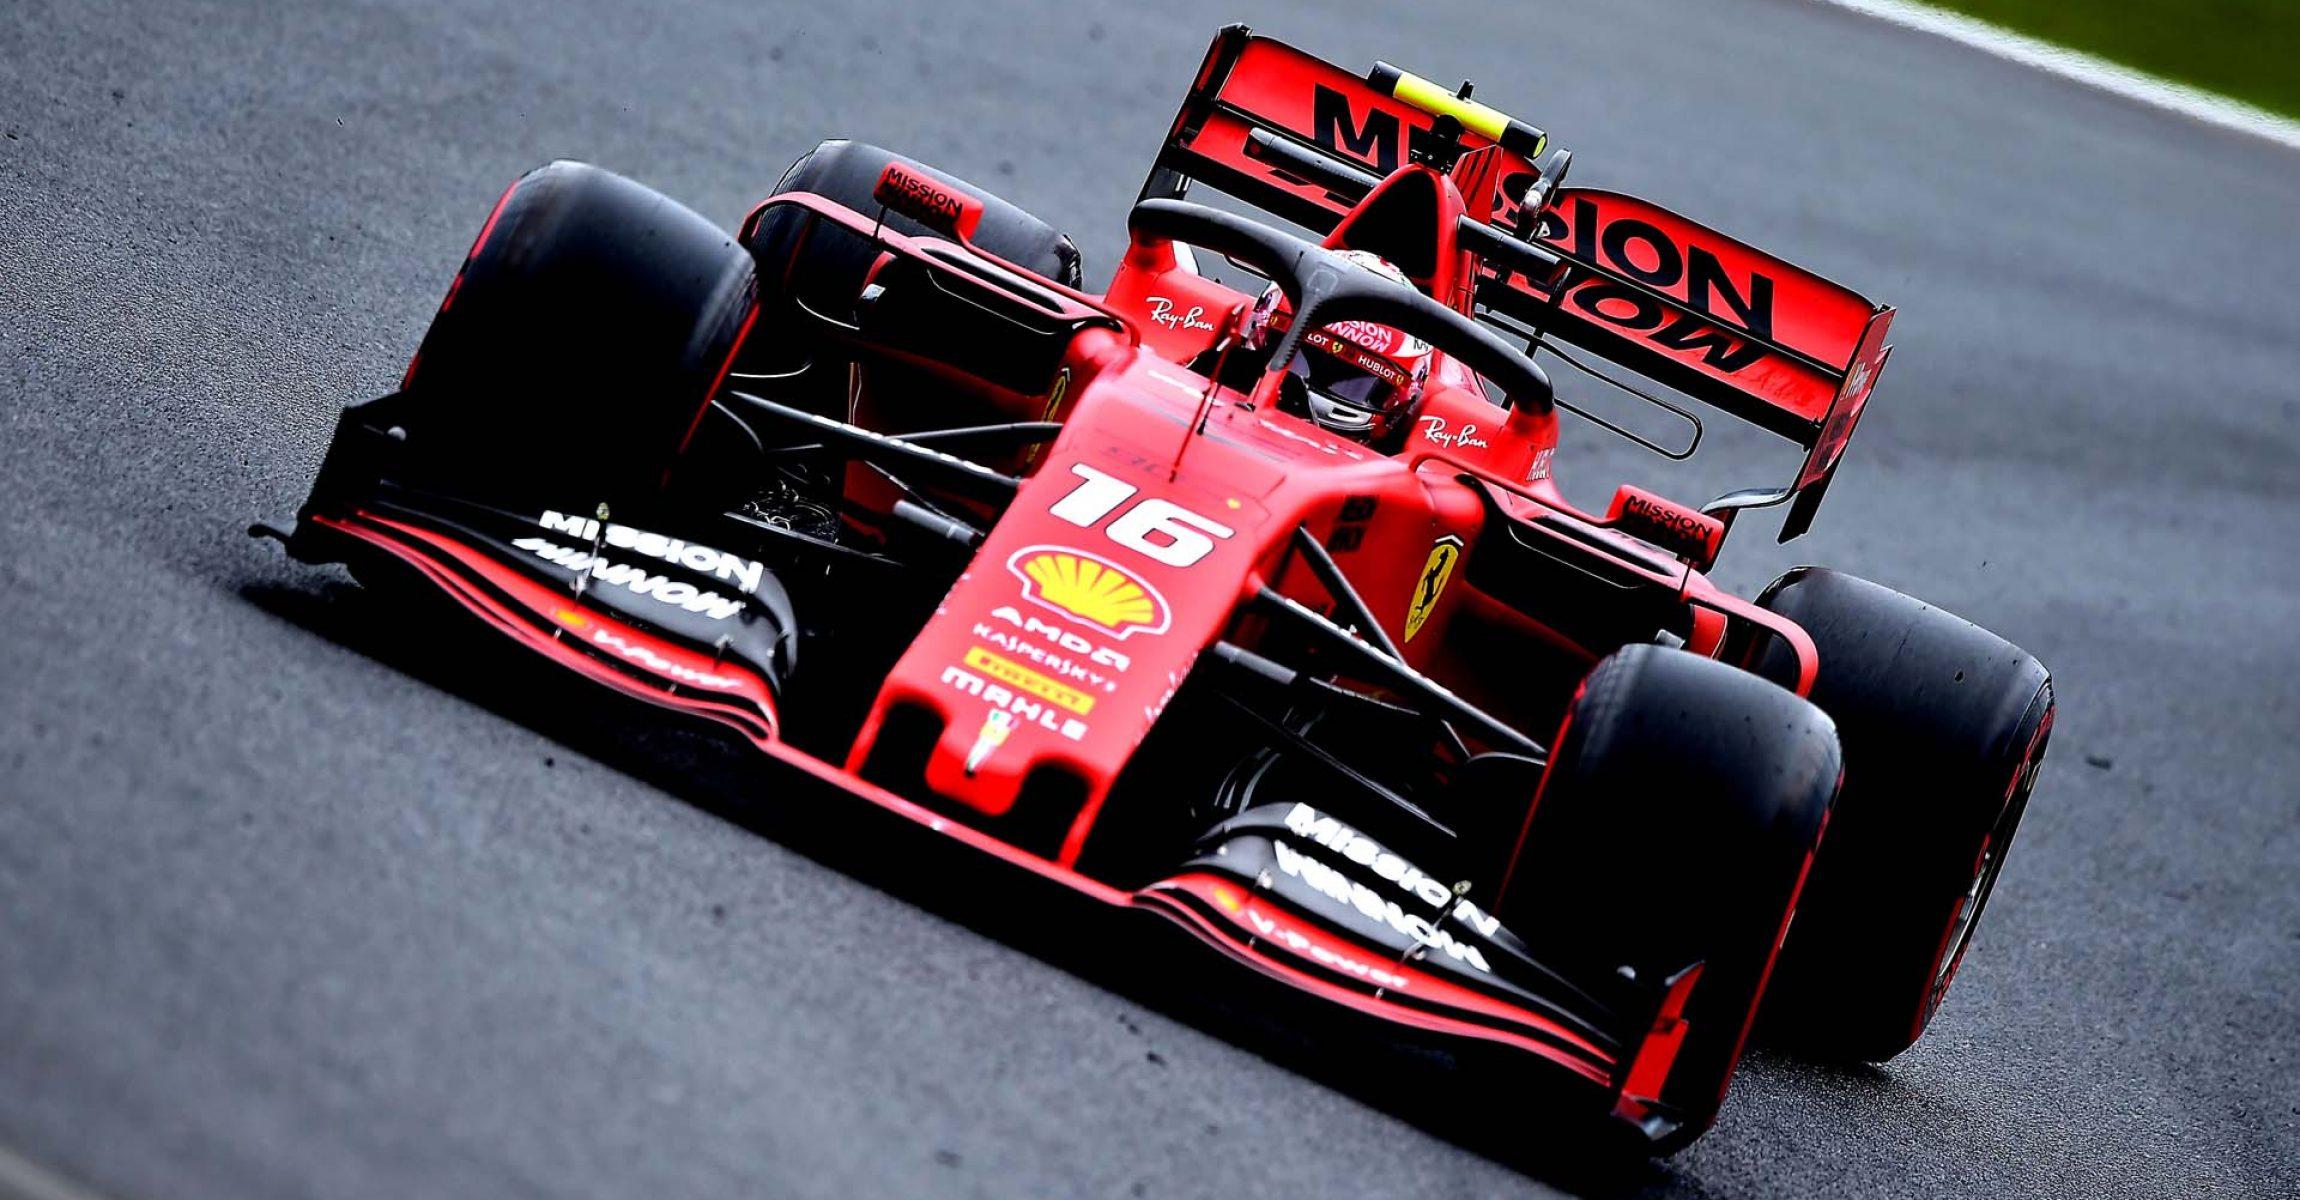 GP BRASILE F1/2019 - VENERDÌ 15/11/2019 credit: @Scuderia Ferrari Press Office Charles Leclerc Ferrari